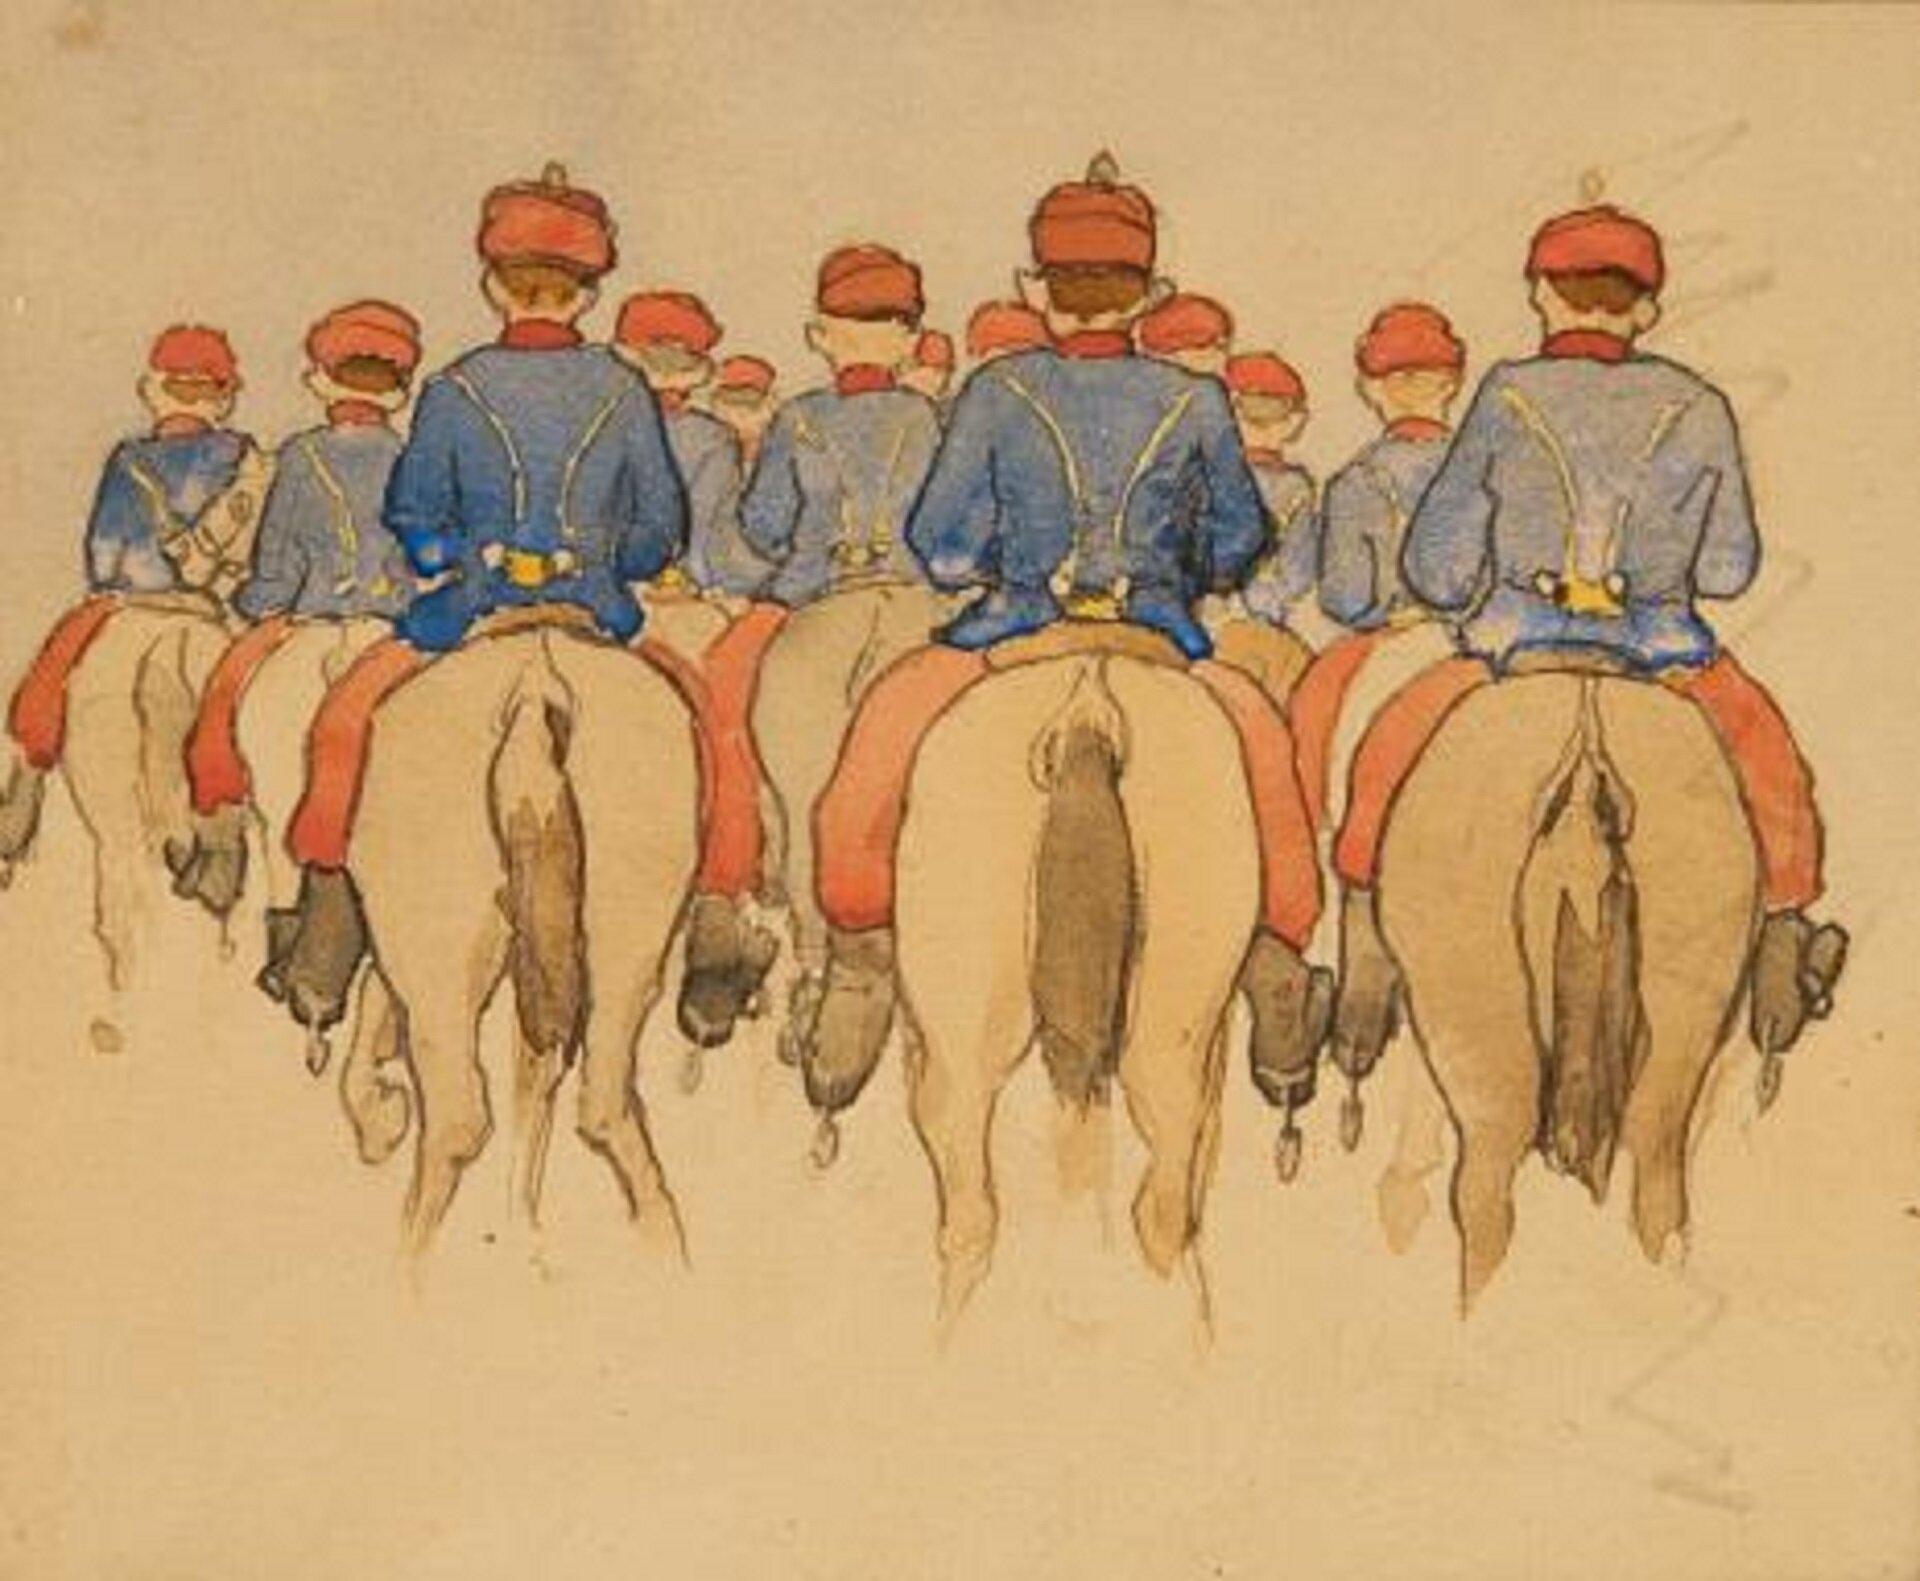 """Ilustracja przedstawia obraz """"Escadron Schritt"""" autorstwa Artura Grottgera. Wcentrum akwareli, na beżowym tle papieru, znajduje się grupa jeźdźców na koniach. Żołnierze ukazani są tyłem. Artysta namalował jedynie ich plecy oraz zady koni, na których siedzą. Wszyscy mężczyźni ubrani są wtakie same niebieskie kurtki, czerwone spodnie iczapki. Ustawieni są wkilku rzędach. Kompozycja akwareli jest zamknięta, centralna – najważniejsze jej elementy znalazły się wcentrum obrazu."""